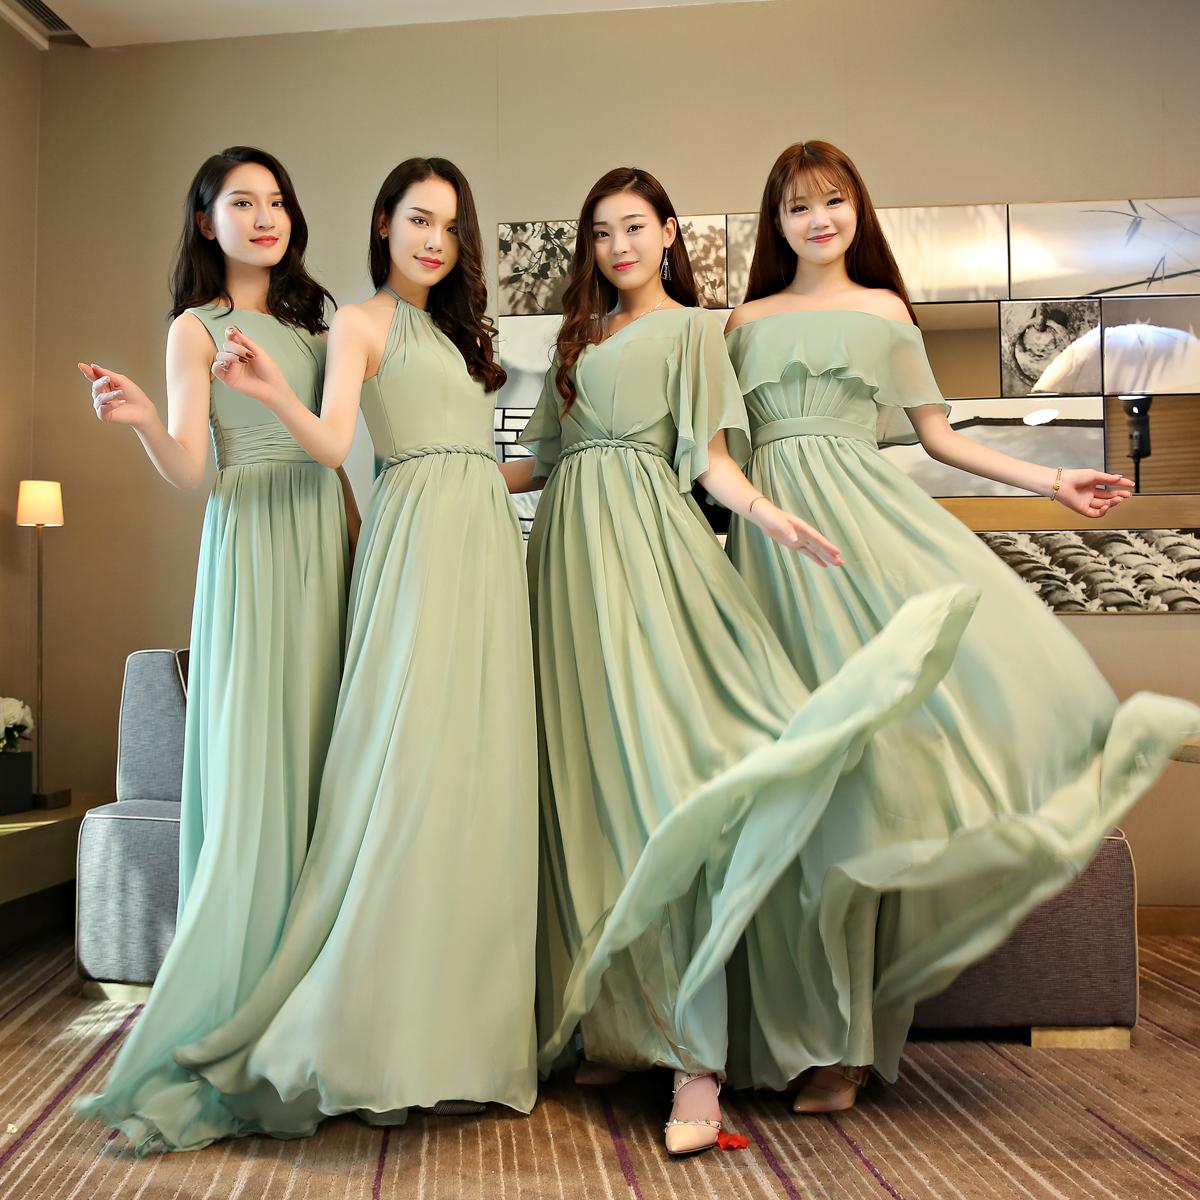 伴娘服姐妹团2019春夏新款森系长款显瘦一字肩年会主持人晚礼服女限时抢购